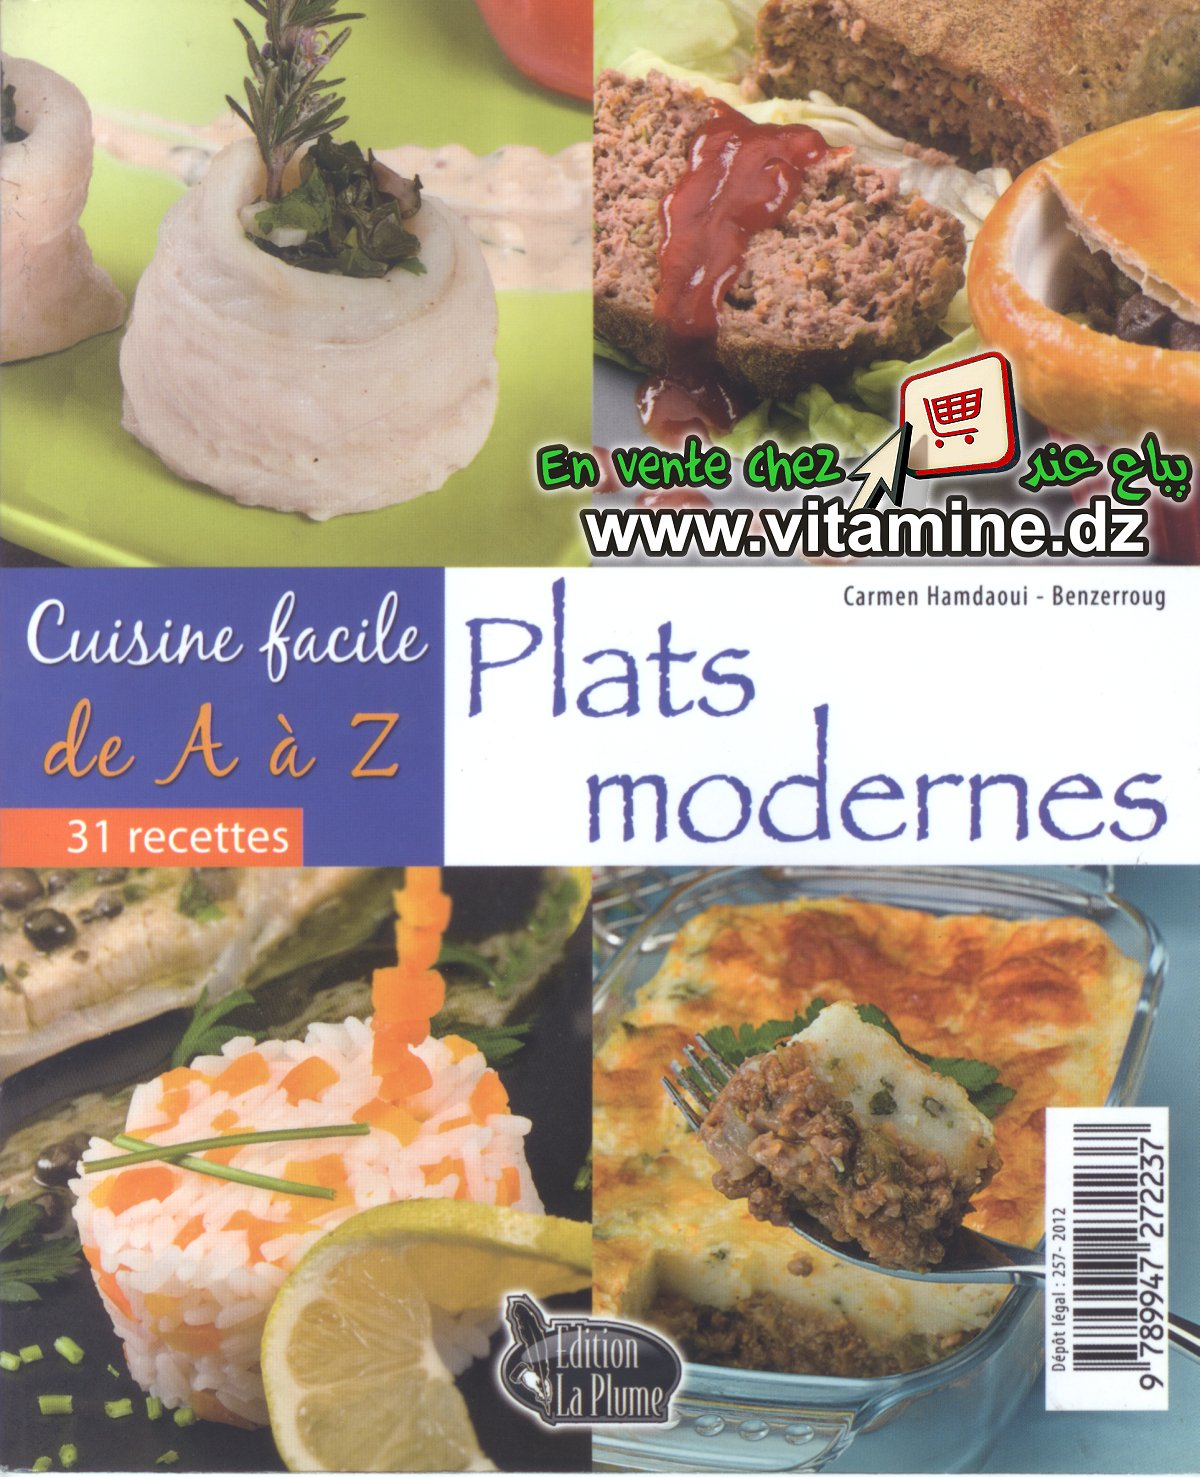 Cuisine facile de a z plats modernes livres cuisine - Livre de cuisine facile ...